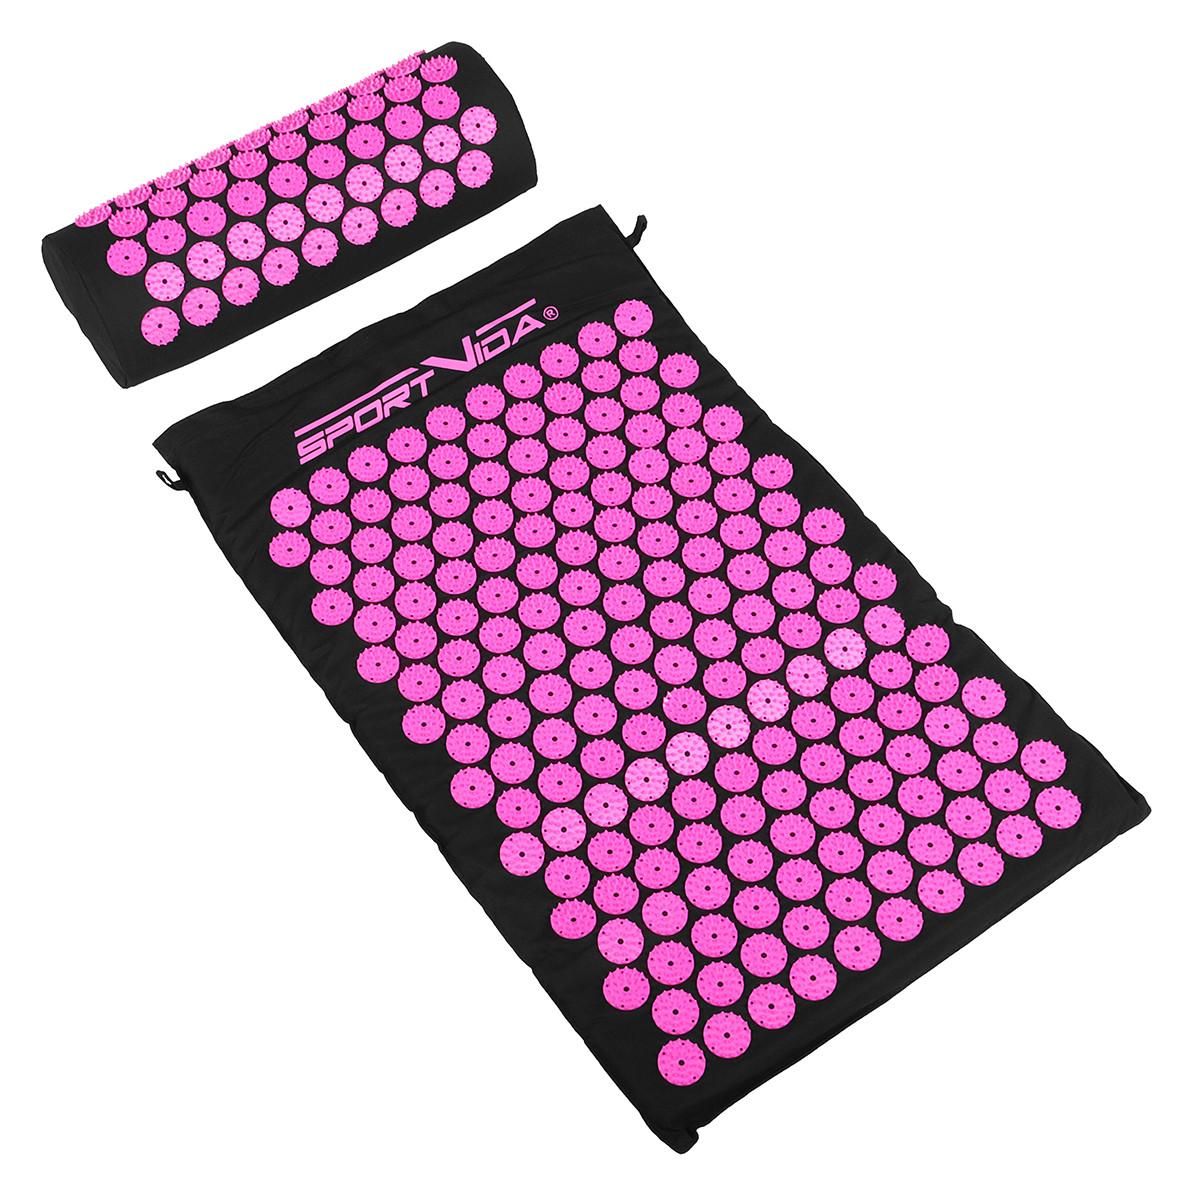 Коврик акупунктурный с валиком SportVida Аппликатор Кузнецова 66 x 40 см SV-HK0352 Black/Pink